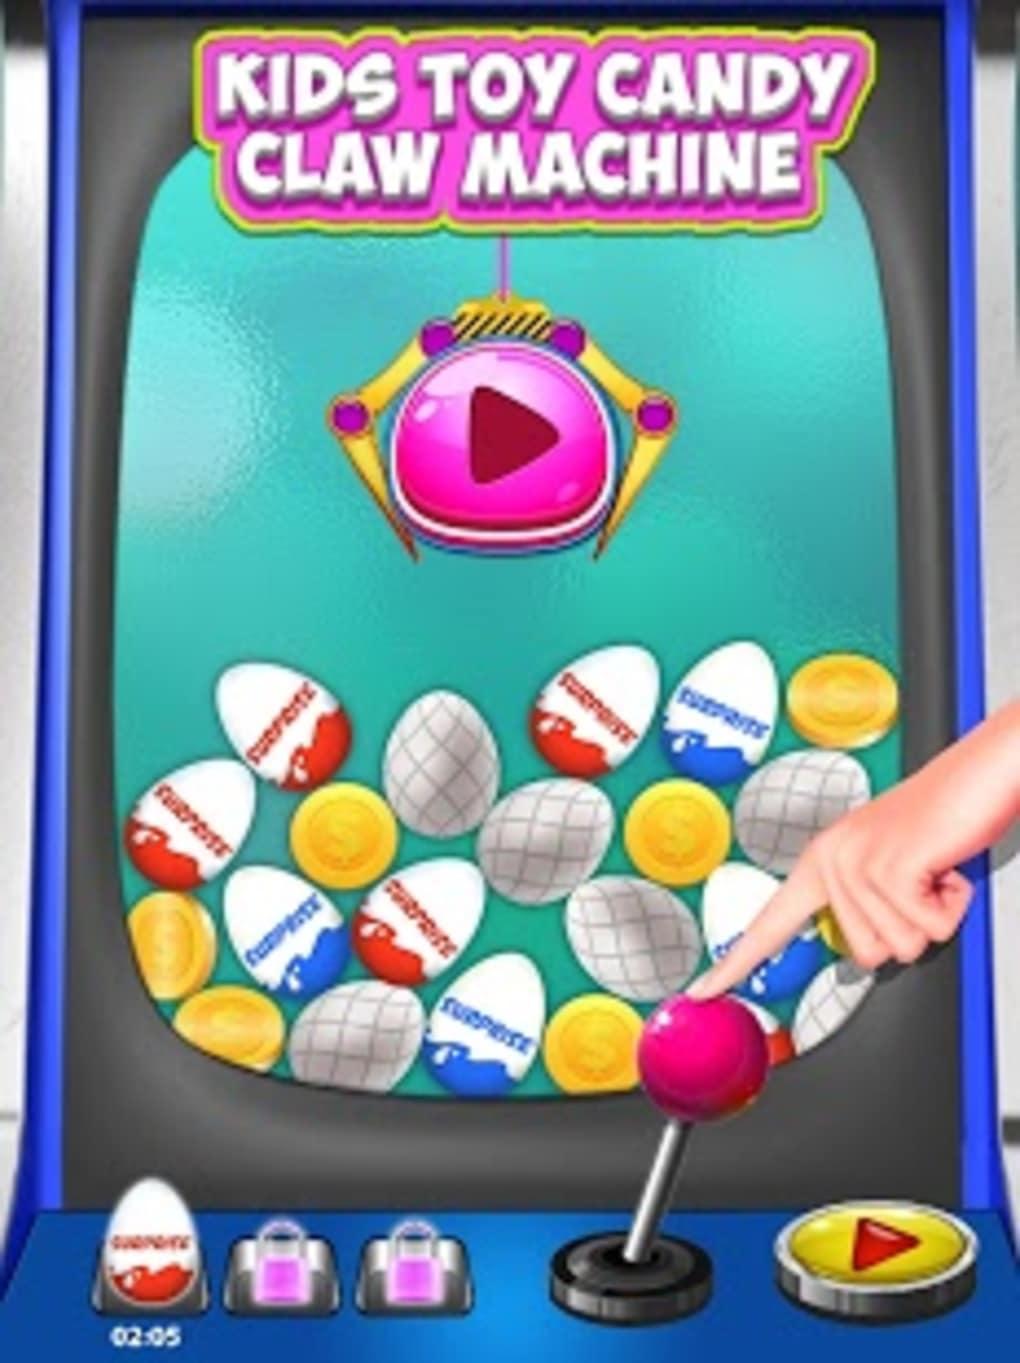 Kids Toy Candy Claw Machine